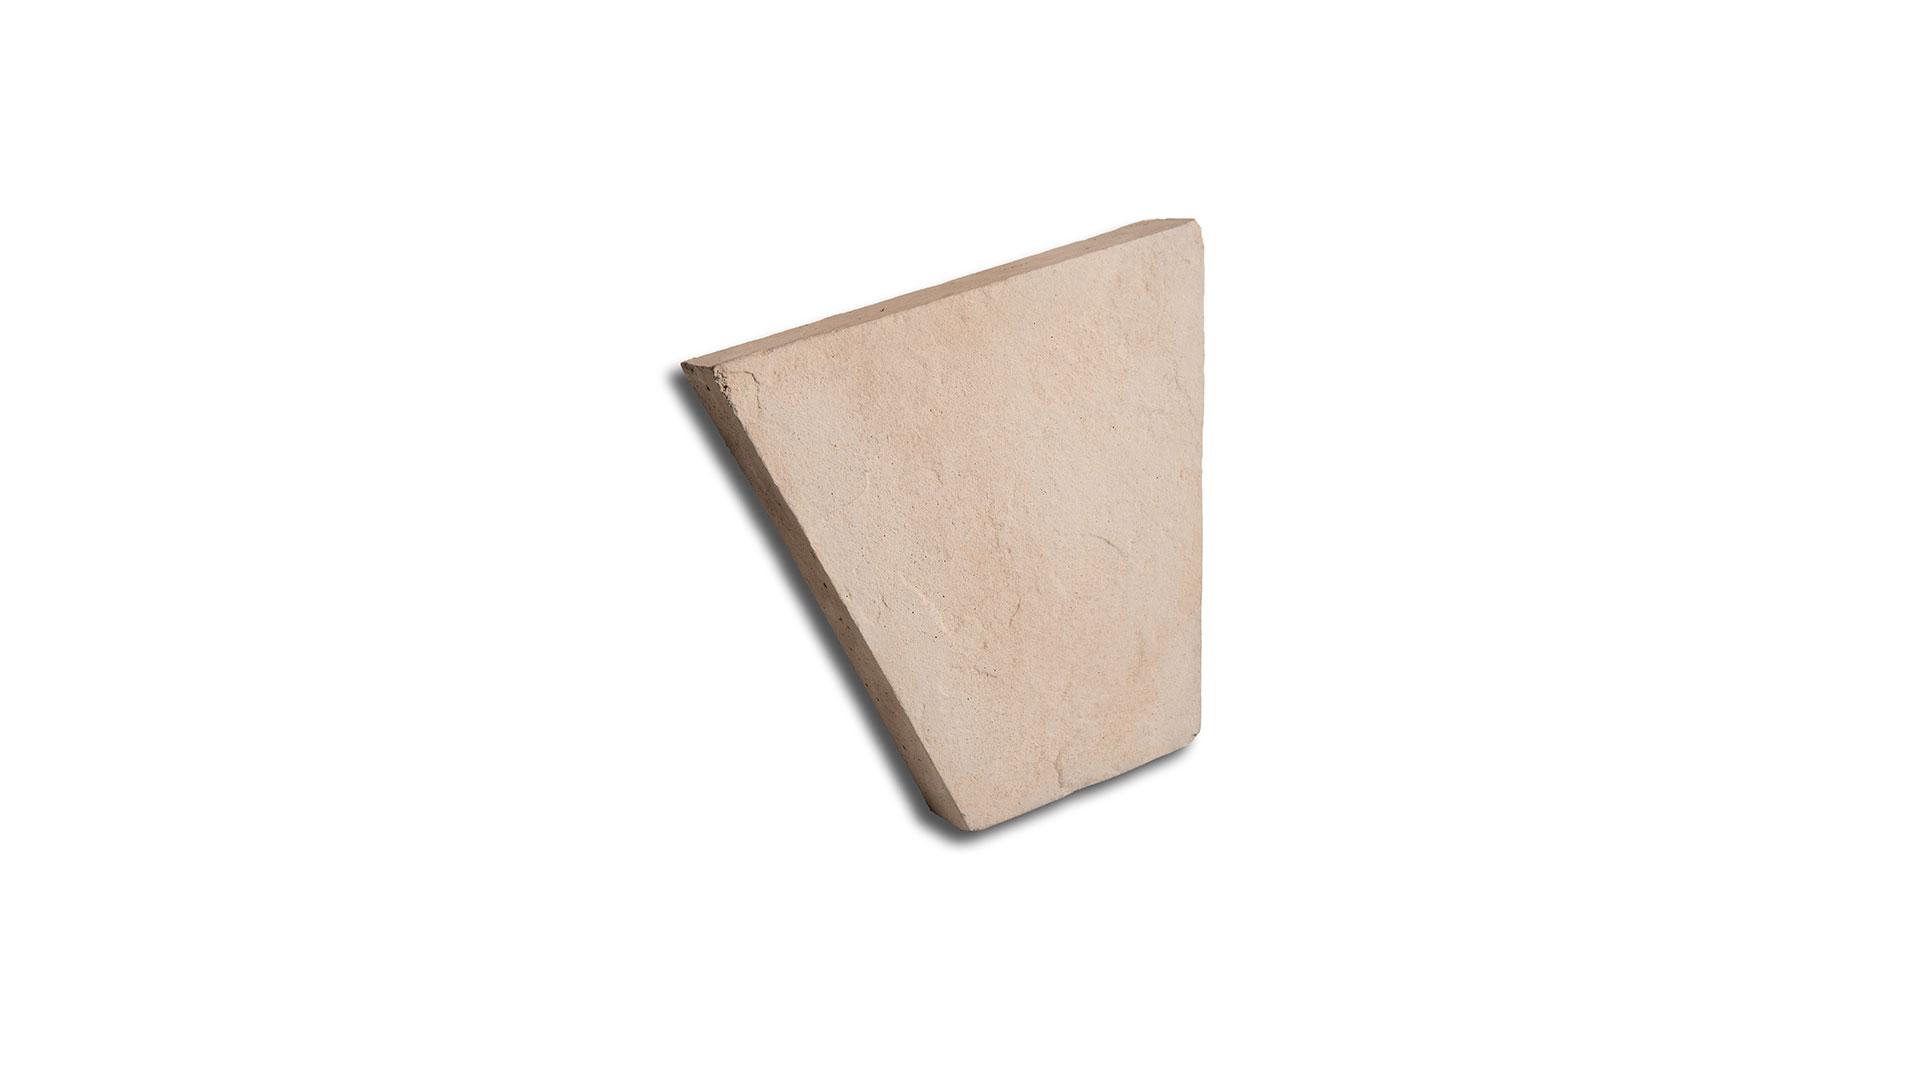 Key Stone Small